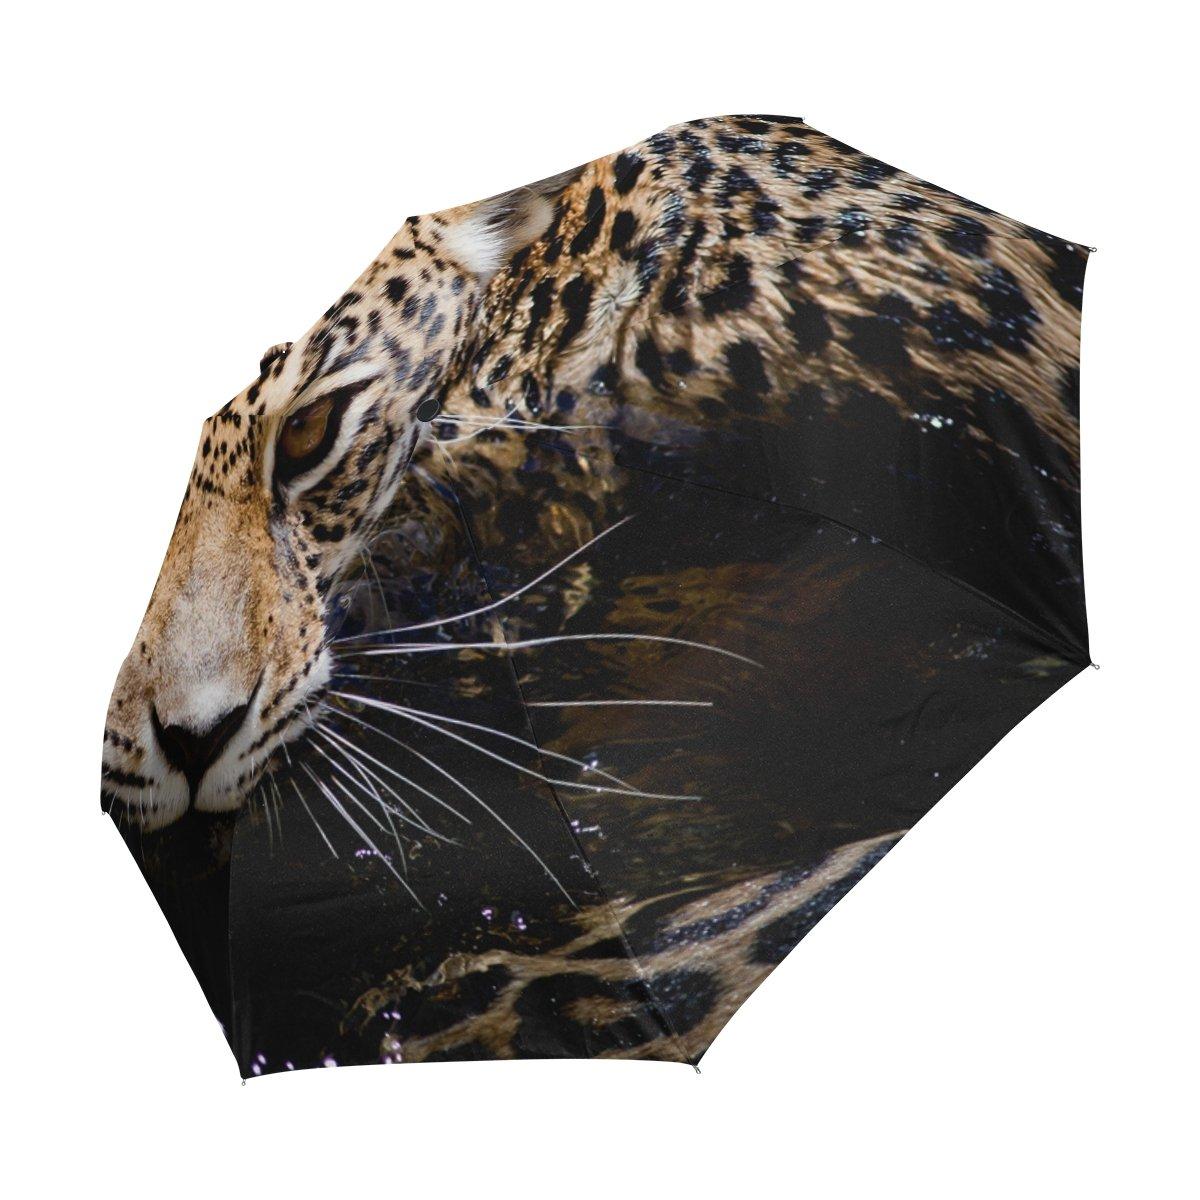 COOSUN Retrato de Jaguar automático 3 Plegable del Paraguas del Parasol Color # 001: Amazon.es: Equipaje